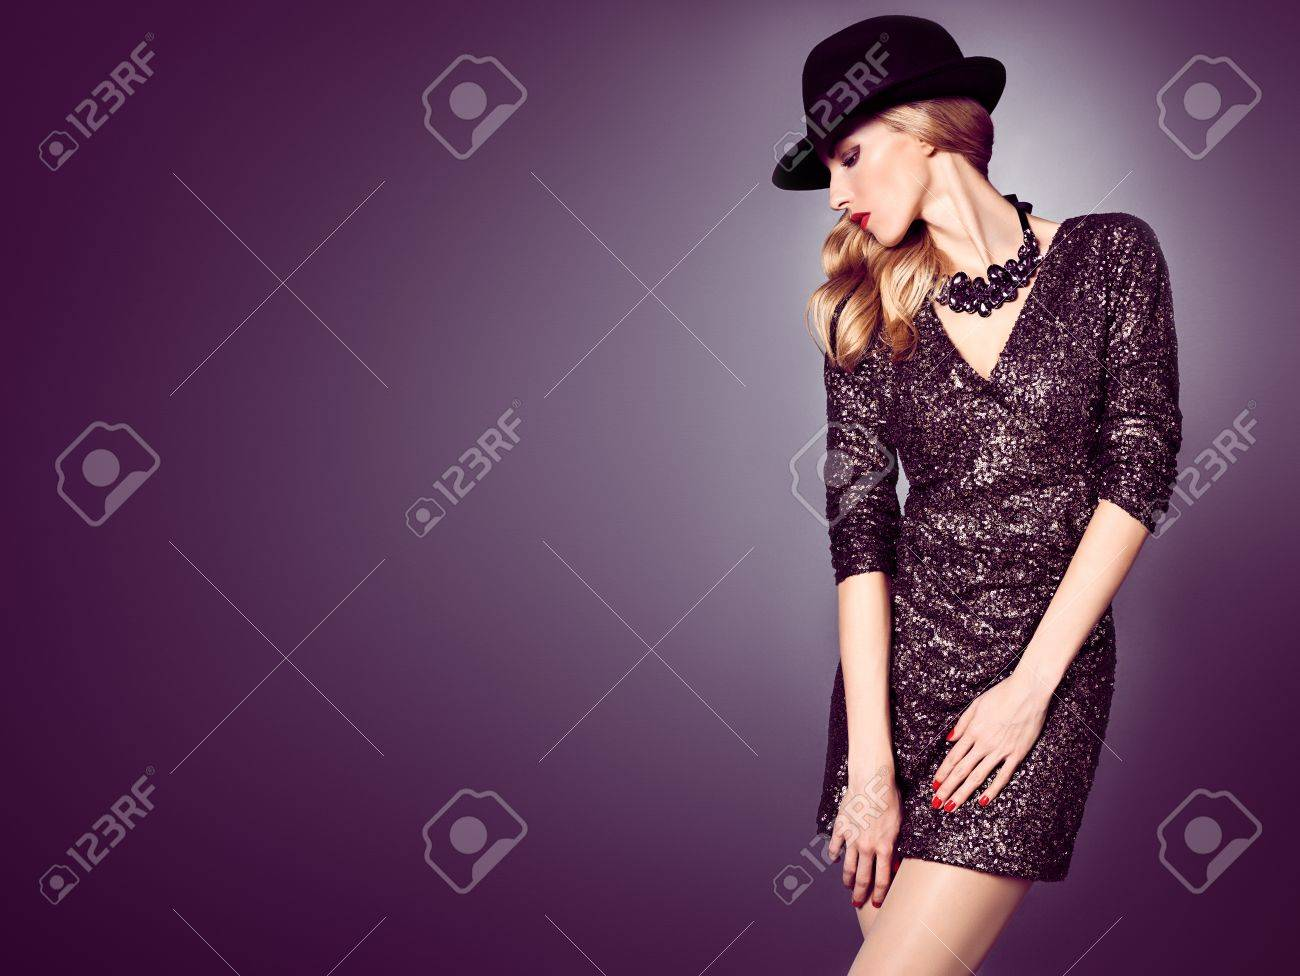 Mujer De Moda En El Vestido Negro De Lentejuelas De Glamour. Señora ...